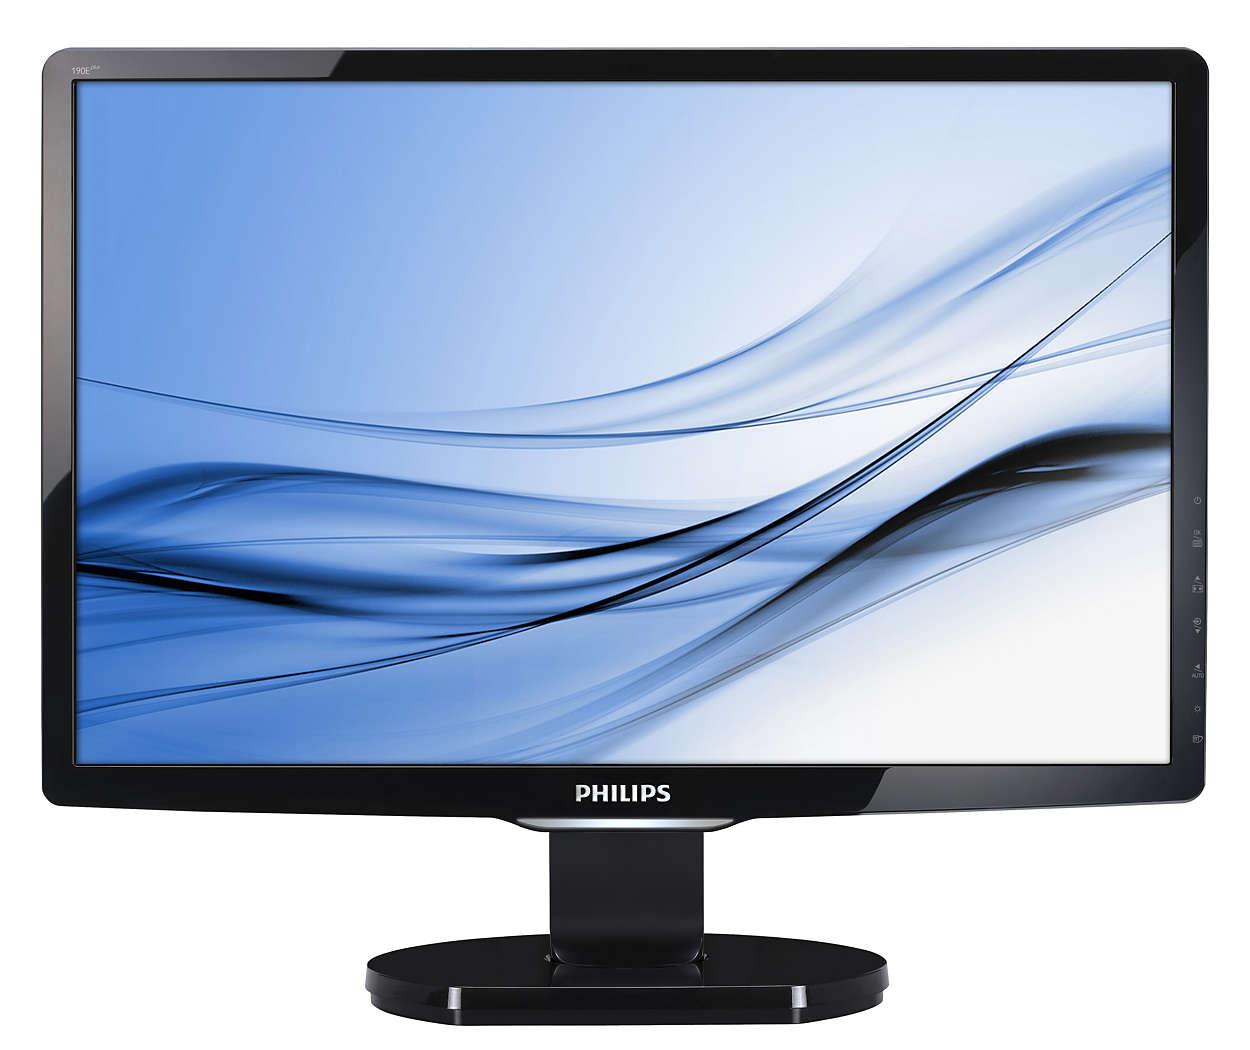 Eleganter HD-Monitor mit gutem Preis-Leistungs-Verhältnis